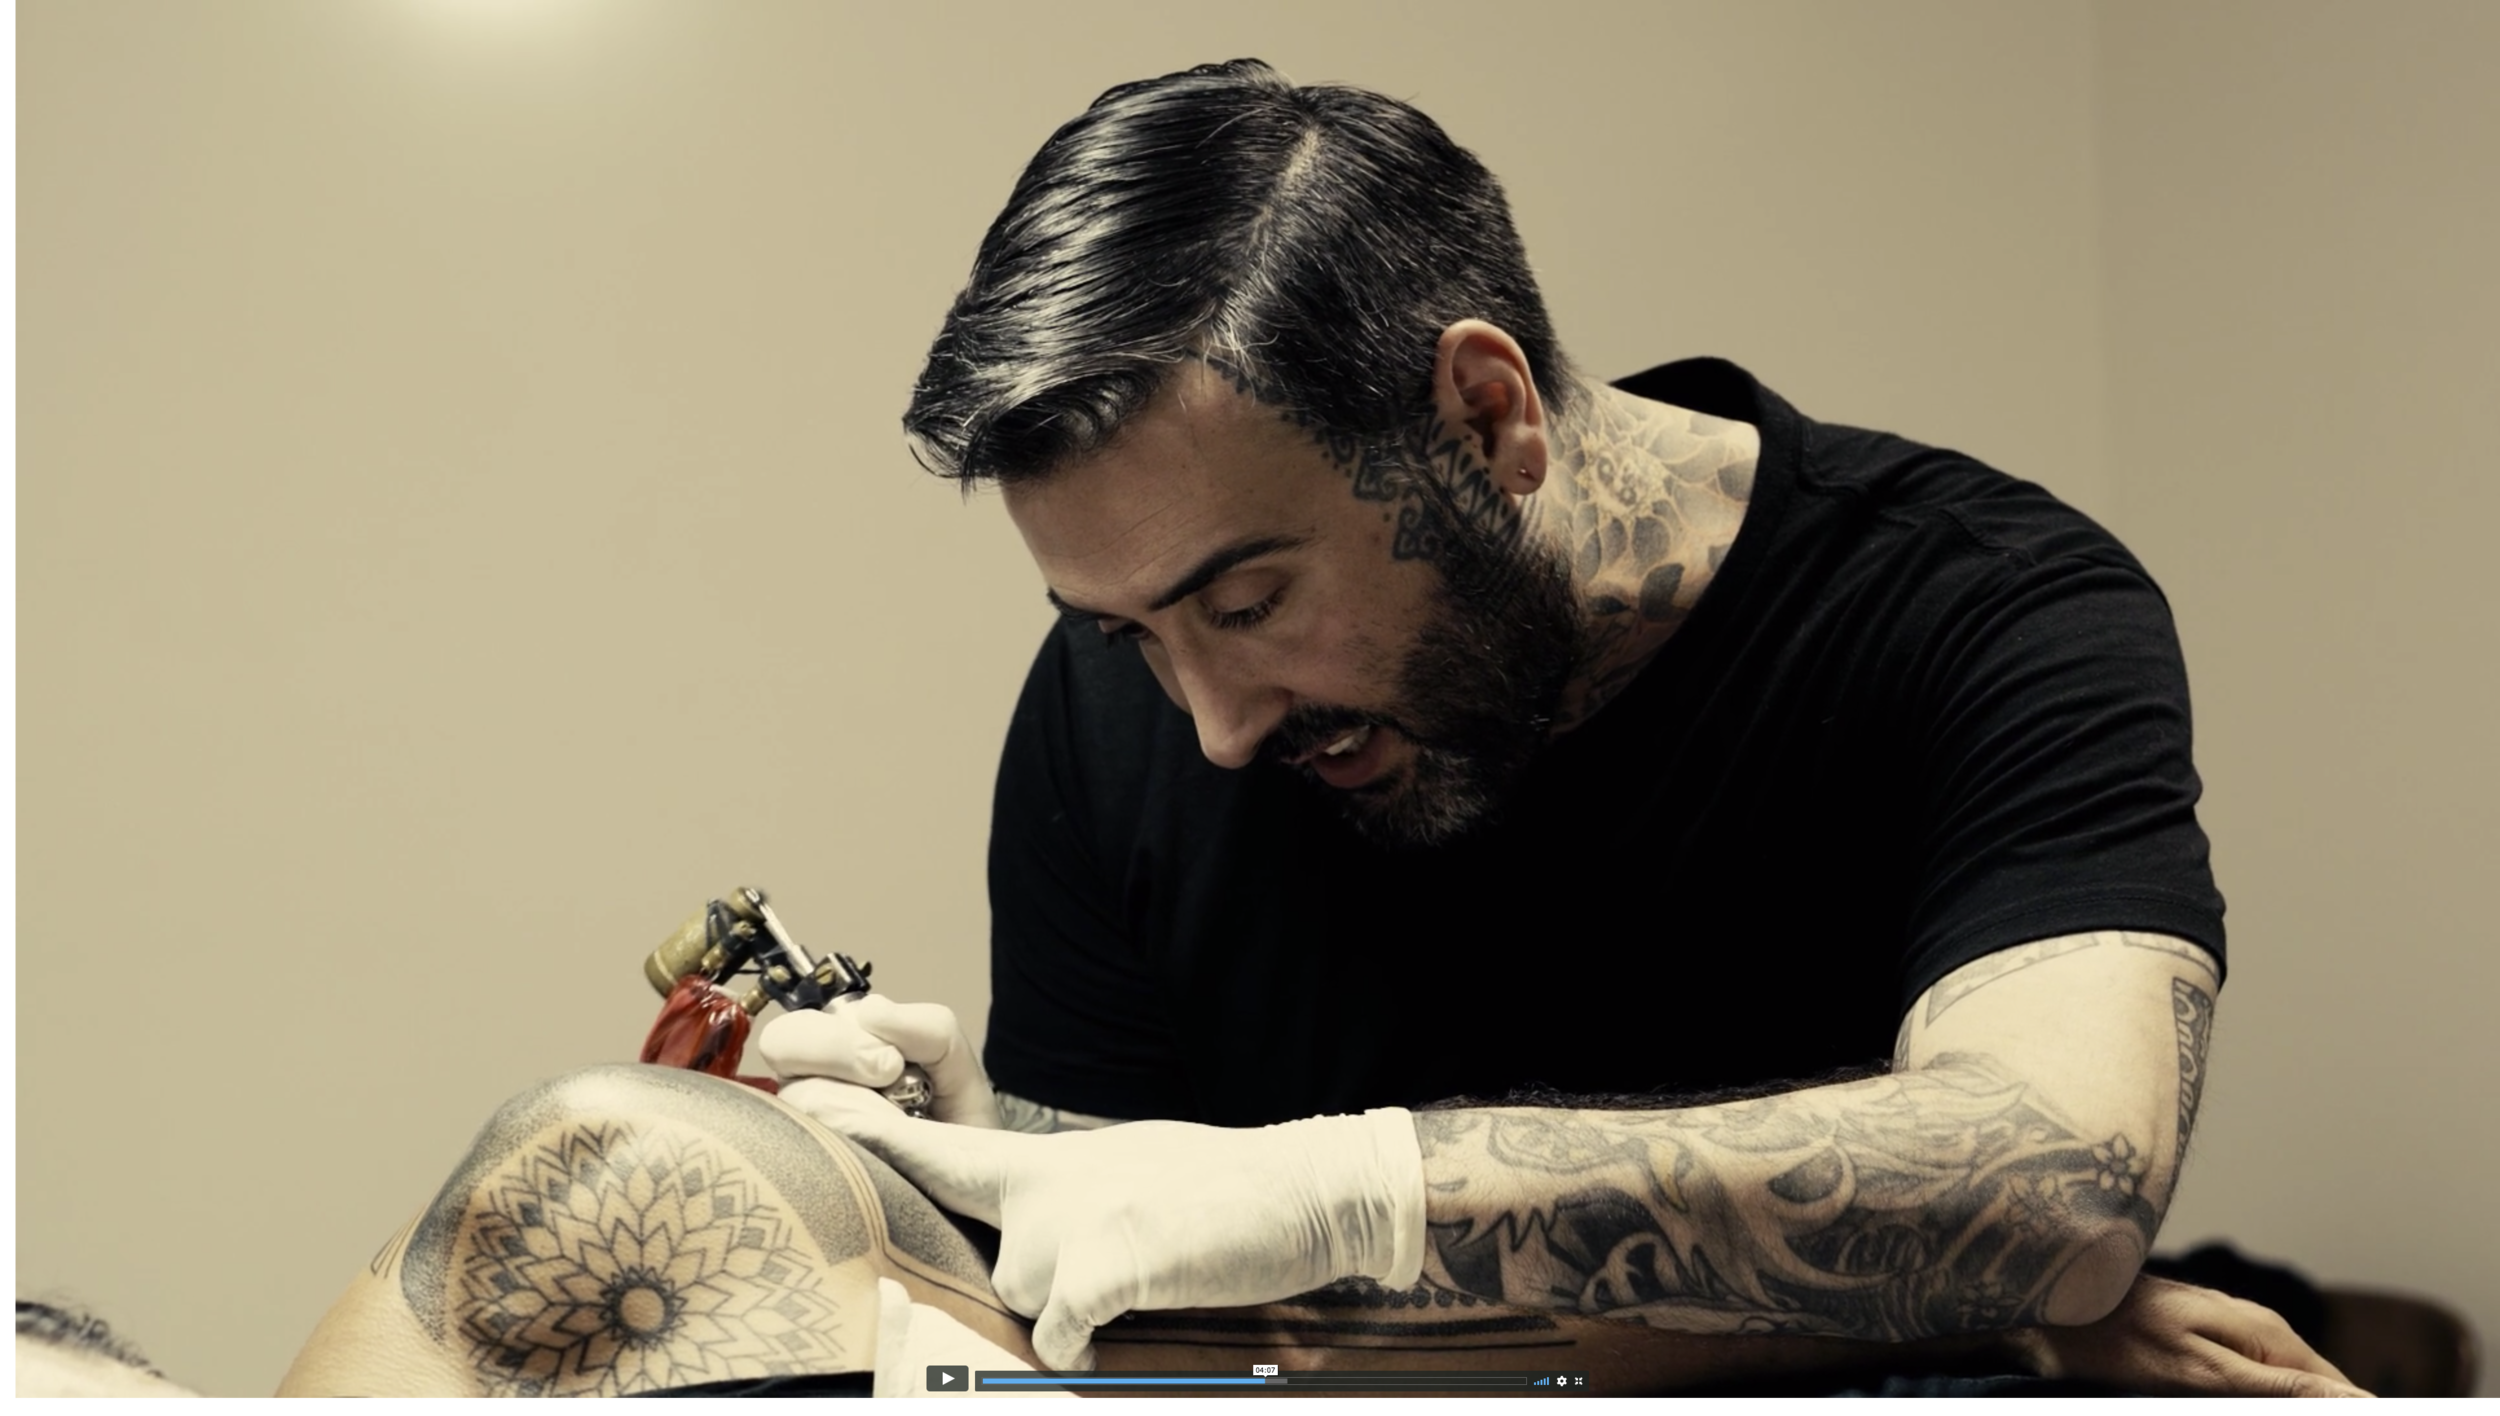 """Alvaro Flores - ショート・ドキュメンタリー制作物:映像""""Alvaro Flores=アルヴァロ・フローレス""""は、オーストラリアで最も人気の高いタトゥー・アーティストについての物語だ。1年以上の予約待ちと言われるが、その技は驚くほど緻密で美しい。彼のインスピレーションの源や、飽くなき探究心の背後にあるもの、そして人の身体に永遠に残る作品を彫りつけることの意味を知りたくて、このショート・ドキュメンタリーを撮影した。"""